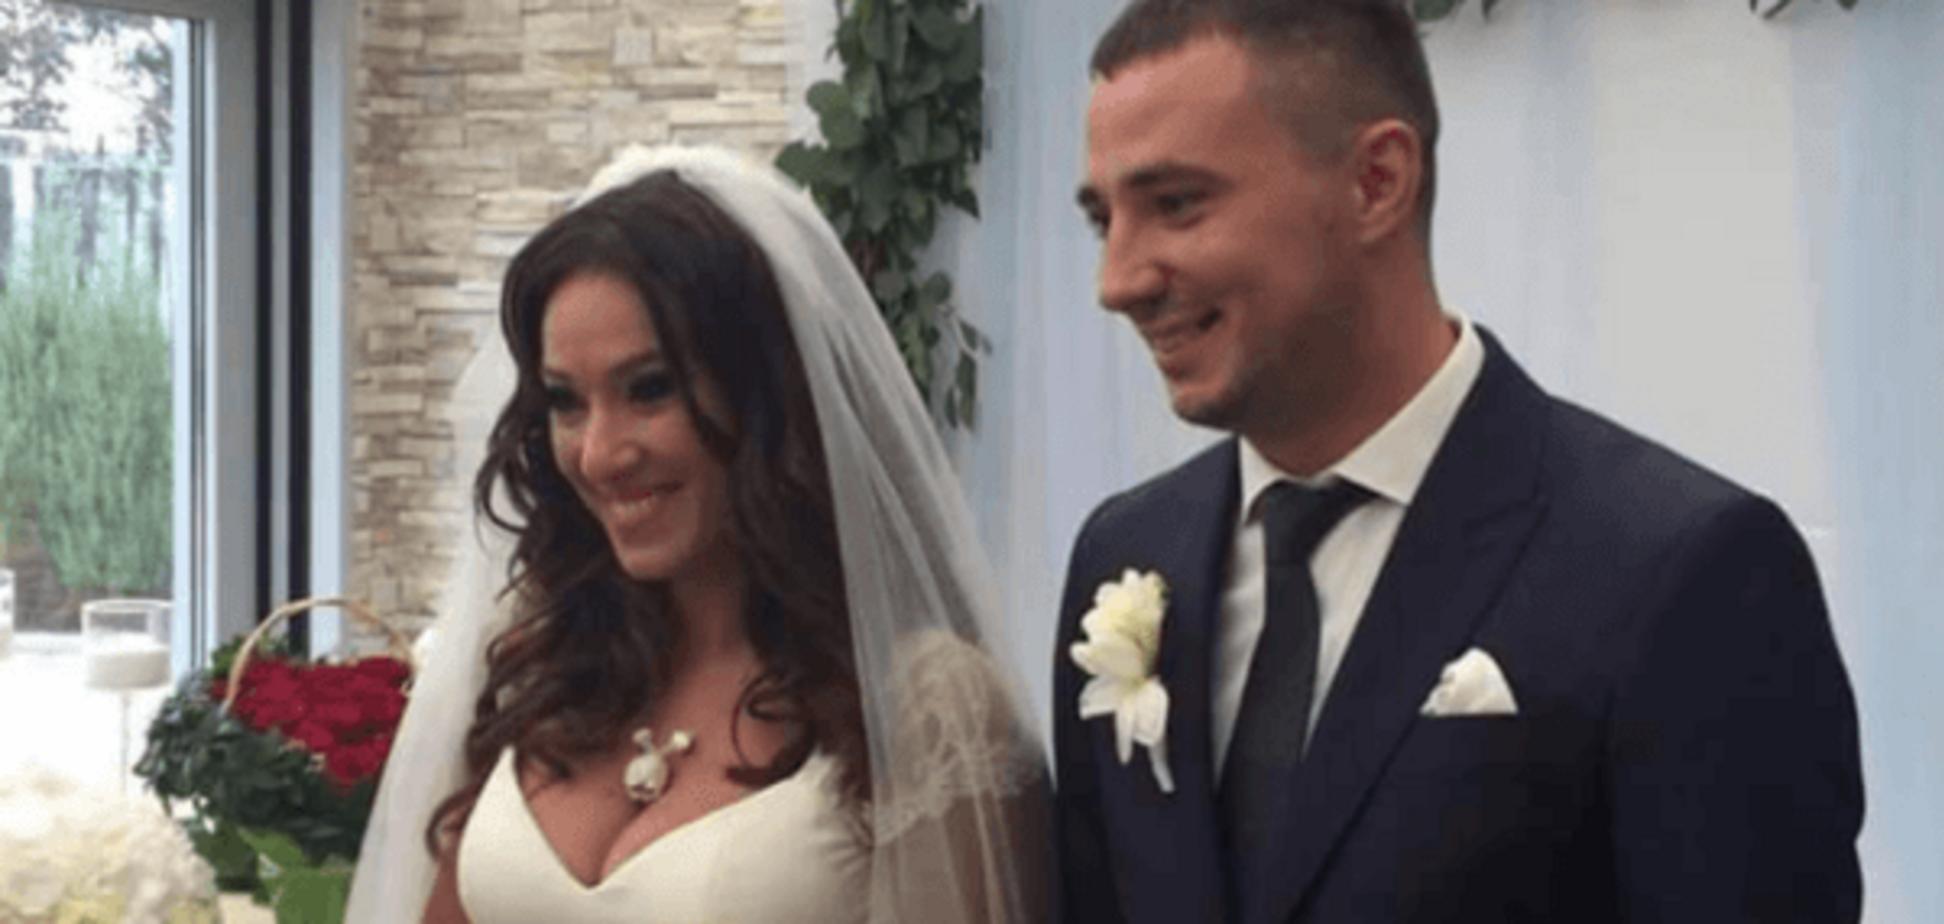 'Отдаем с контузией и осколками 'Градов': певица Карпа вышла замуж за героя АТО. Опубликованы фото и видео